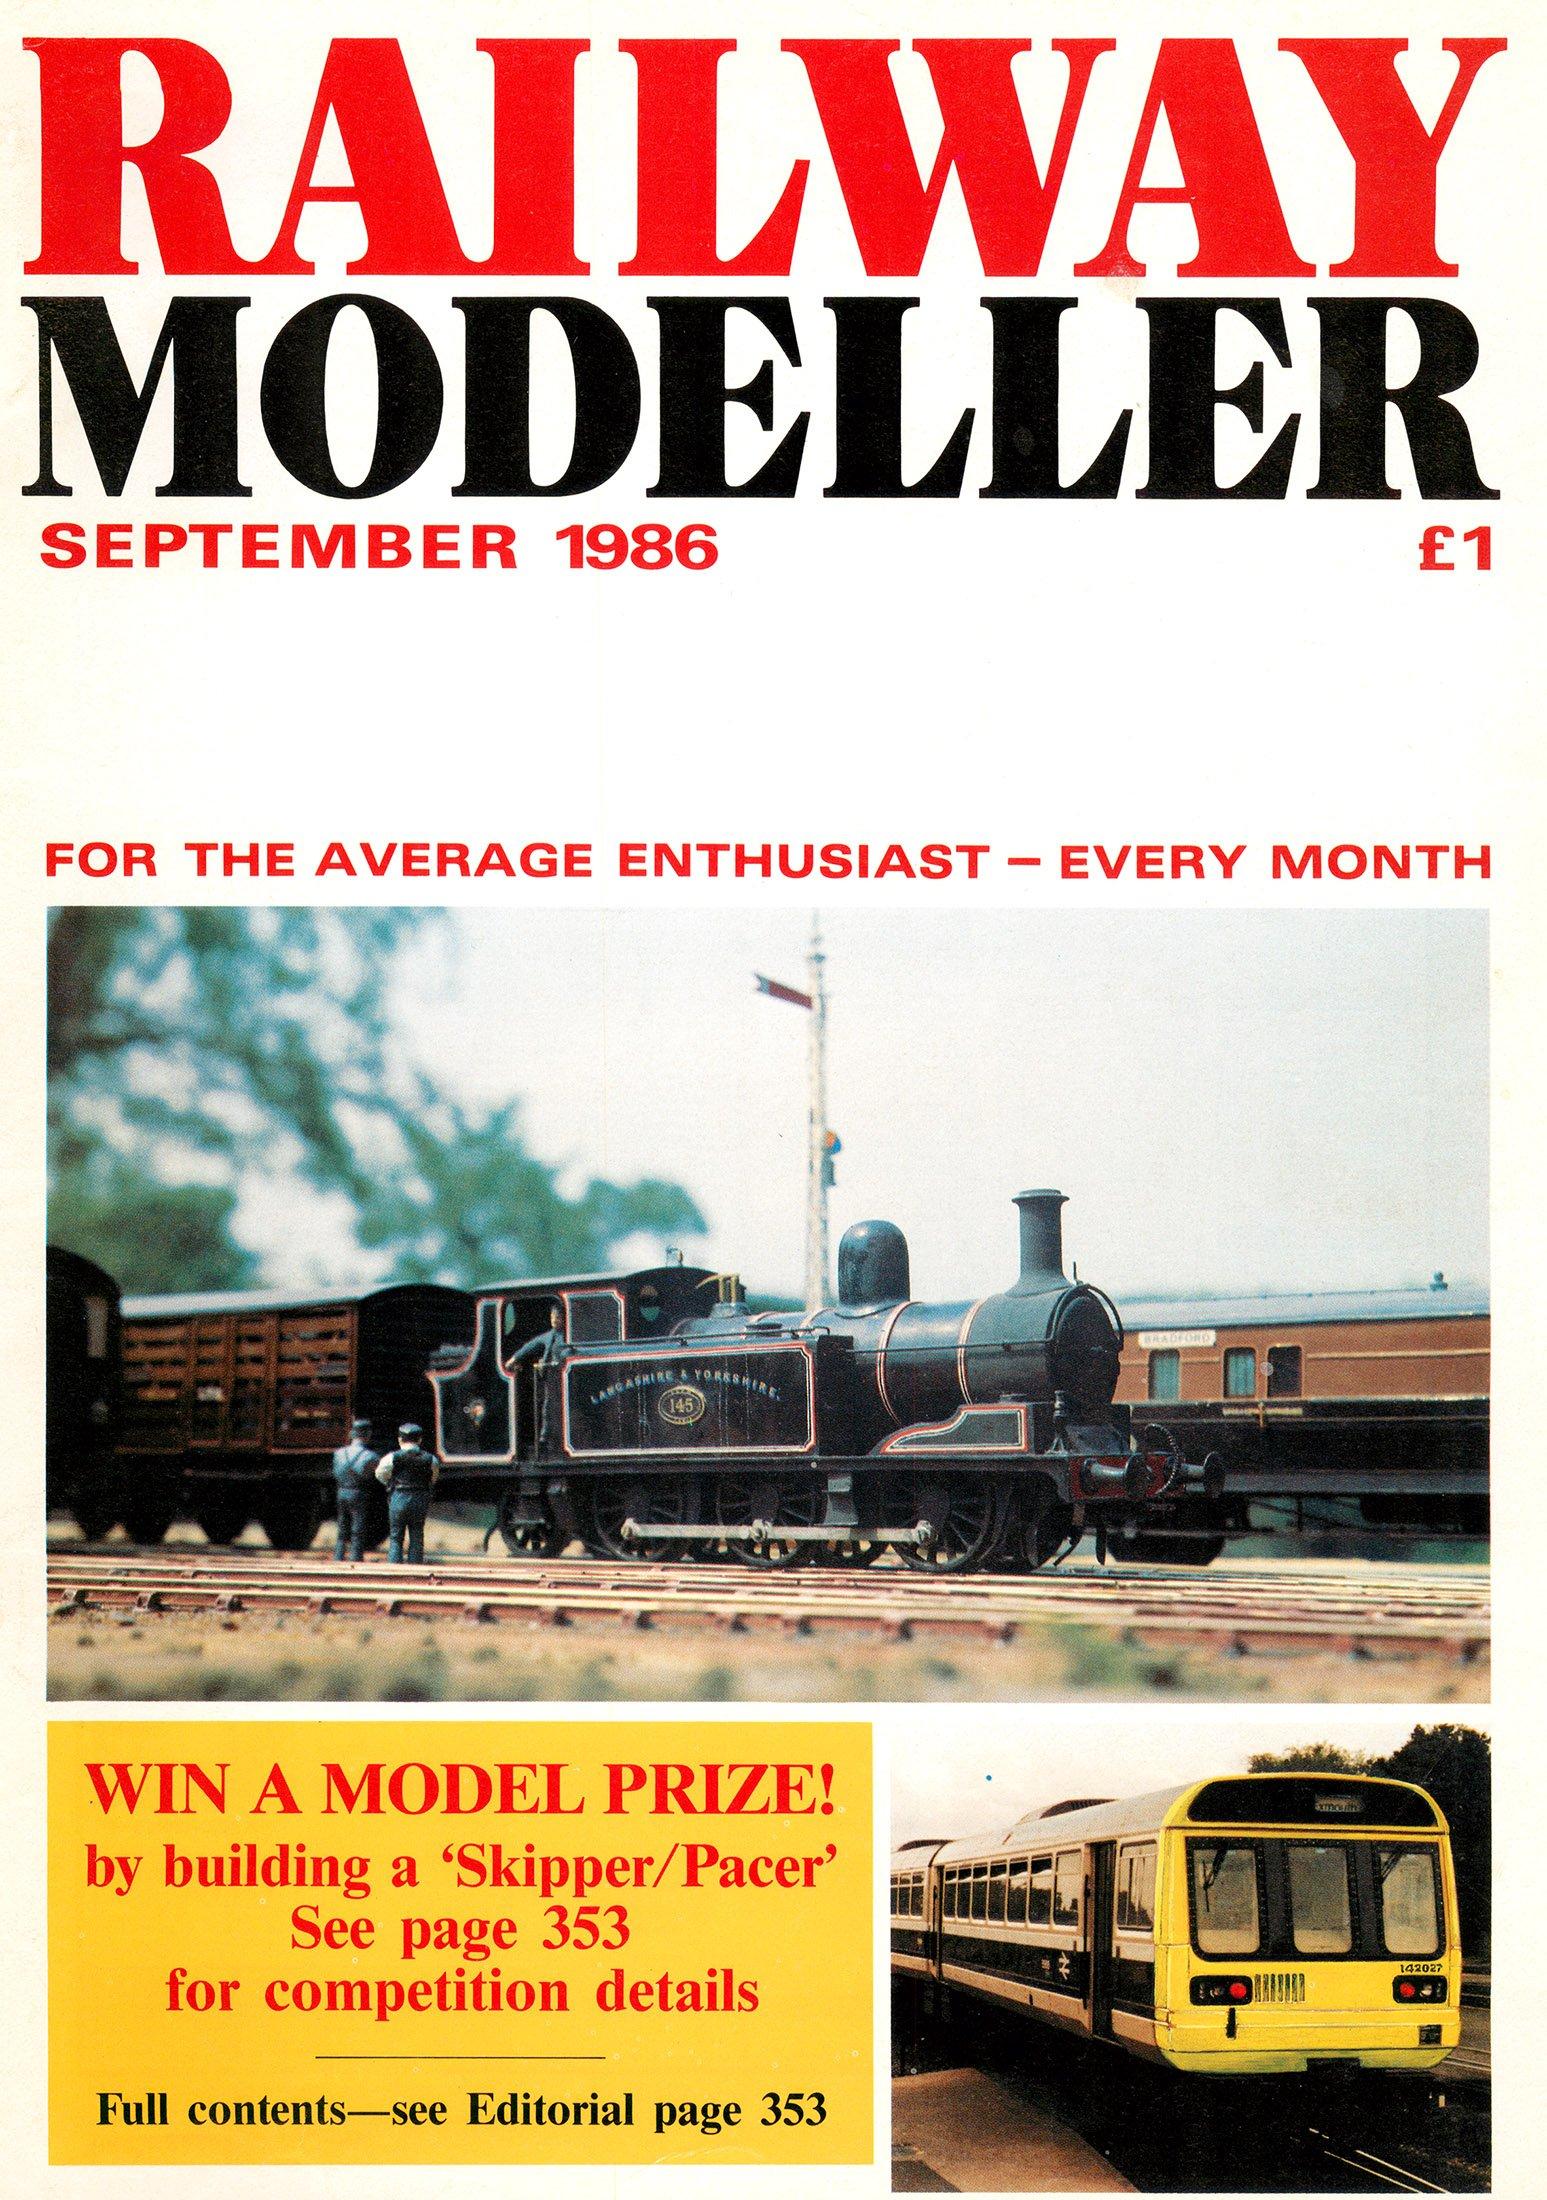 Railway Modeller Issue 431 (September 1986)